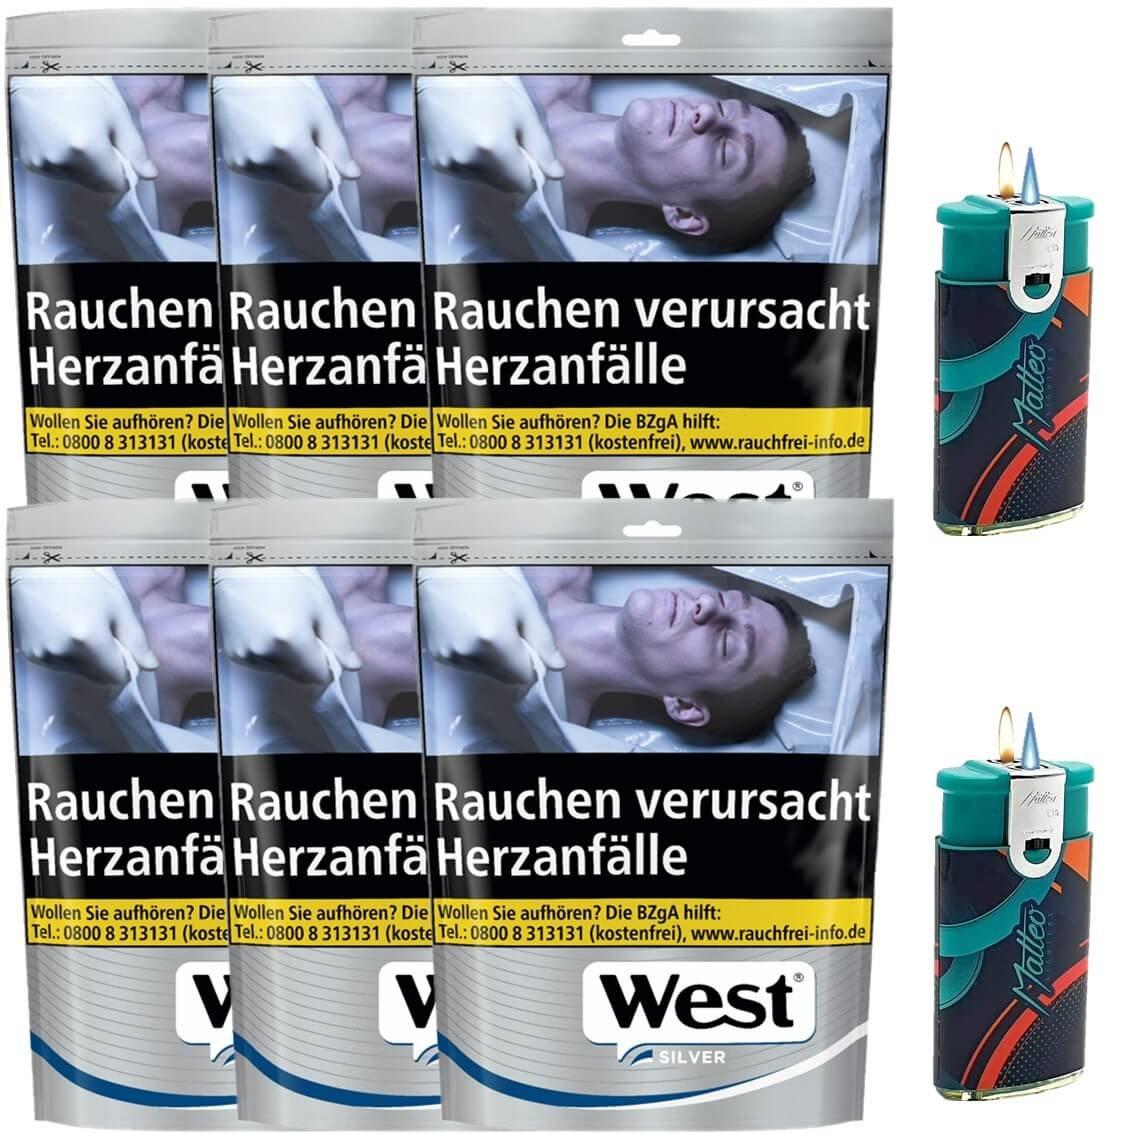 West Silver 6 x 96g mit Feuerzeug